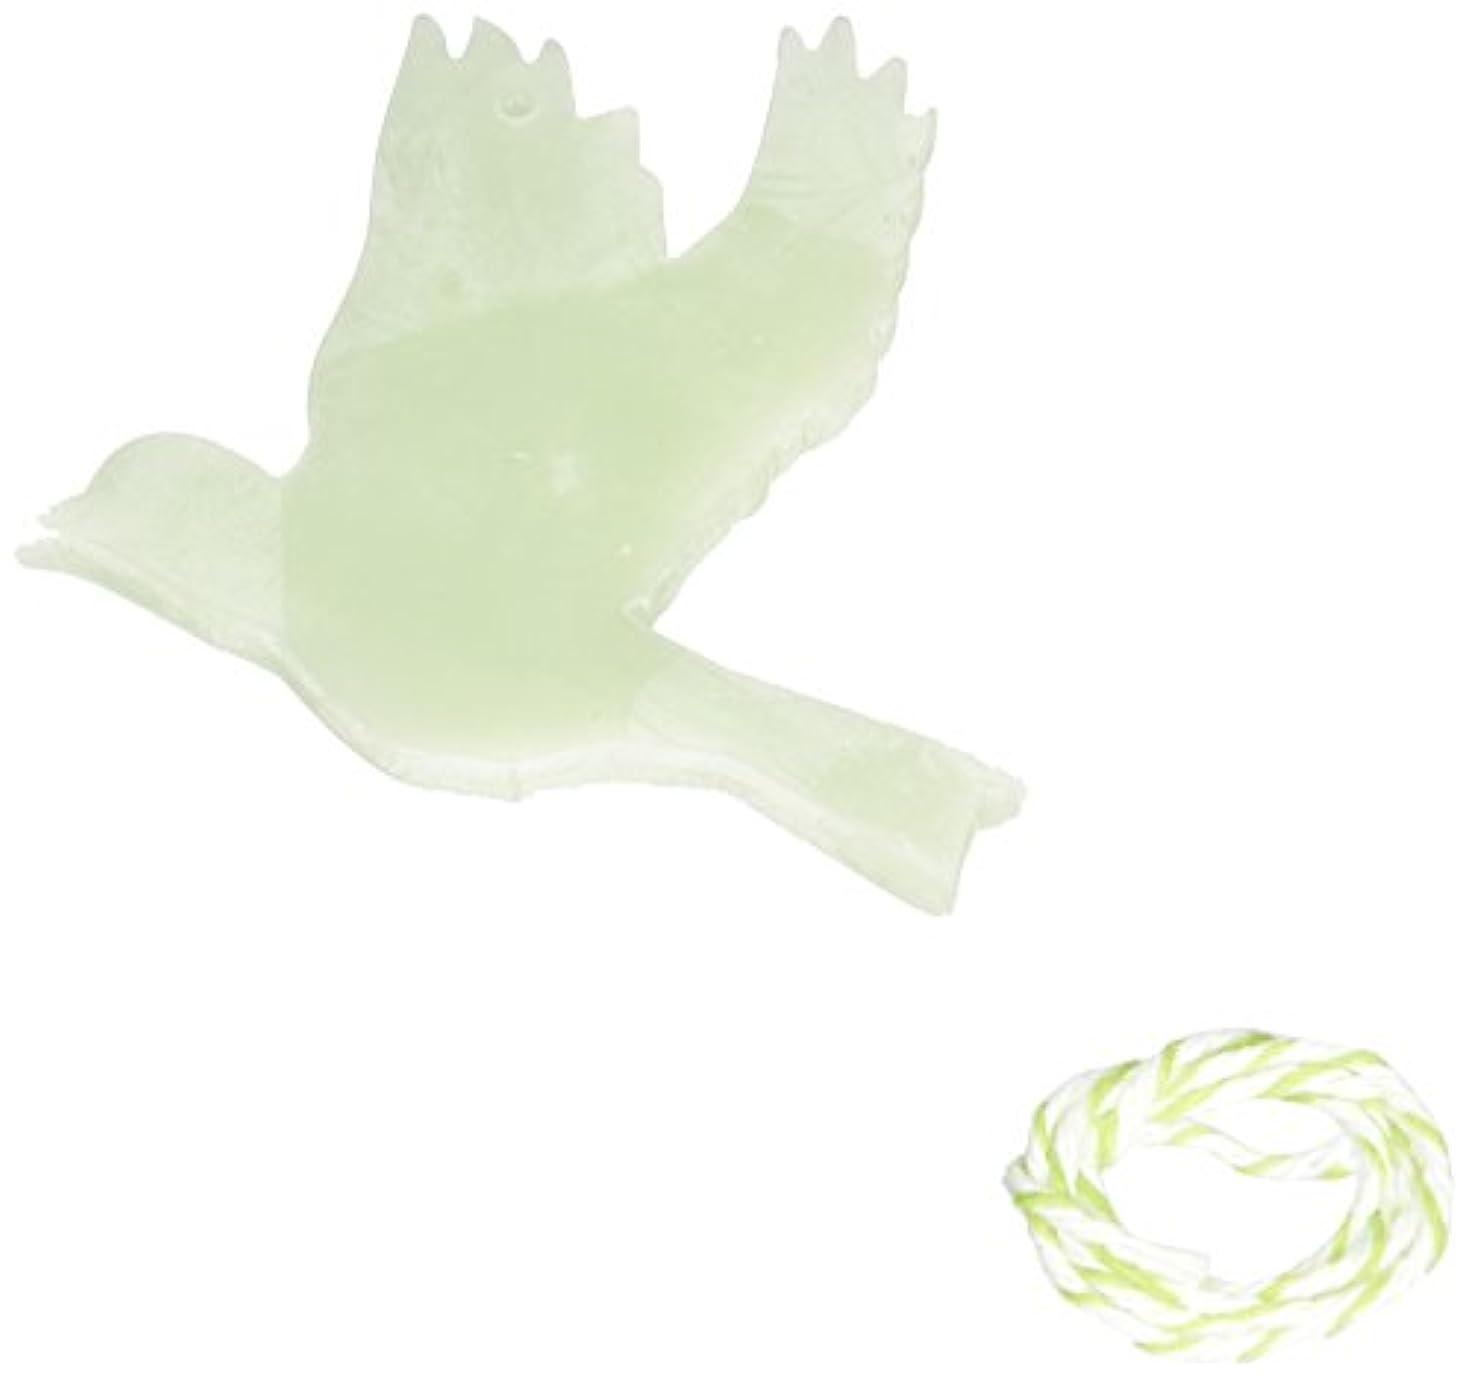 うるさいそよ風思われるGRASSE TOKYO AROMATICWAXチャーム「ハト」(GR) レモングラス アロマティックワックス グラーストウキョウ